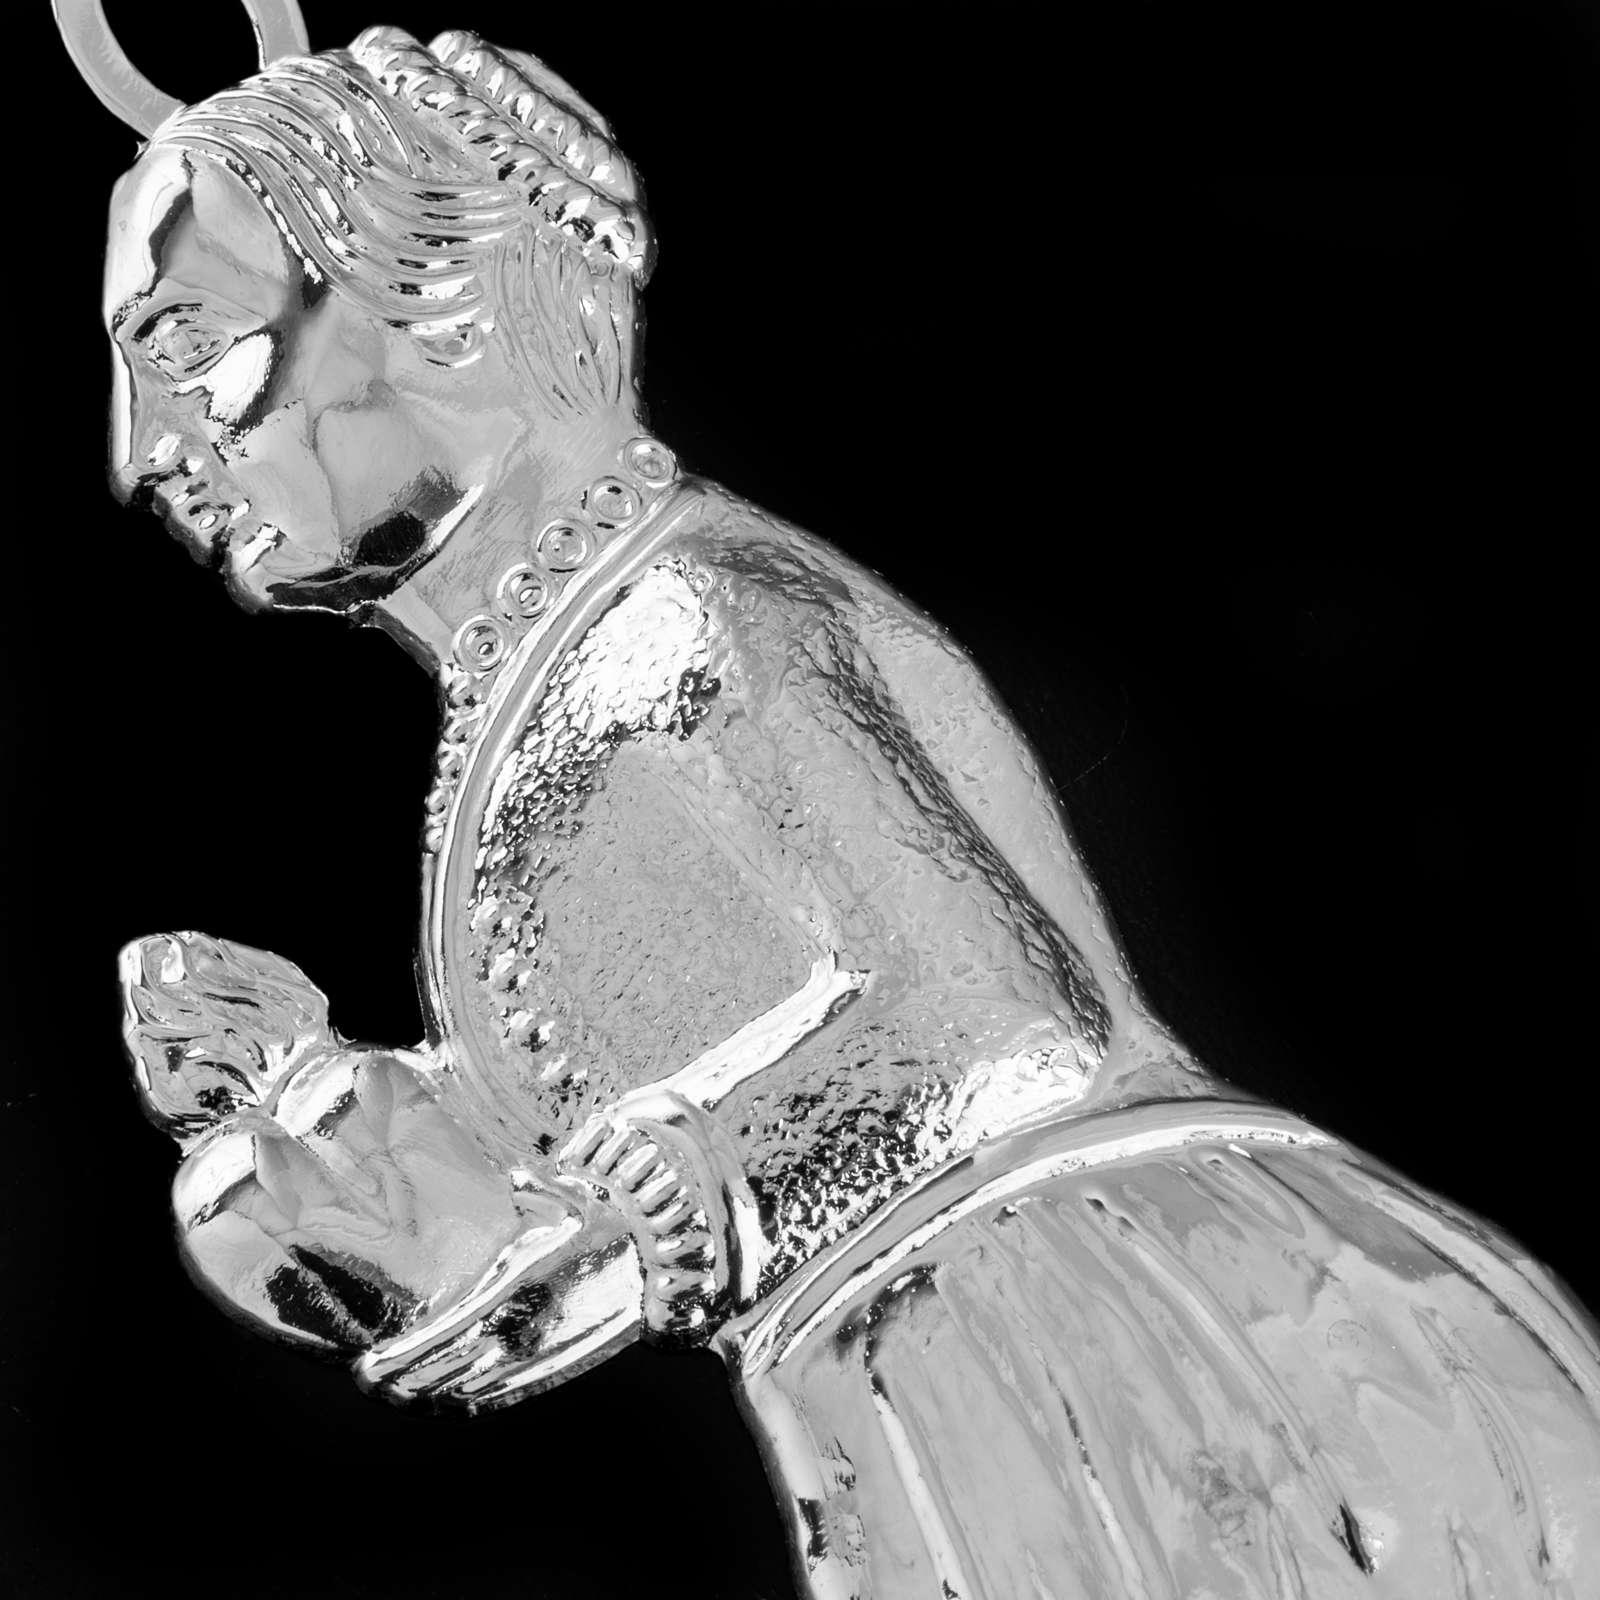 Ex-voto, kneeling woman in sterling silver or metal, 12cm 3